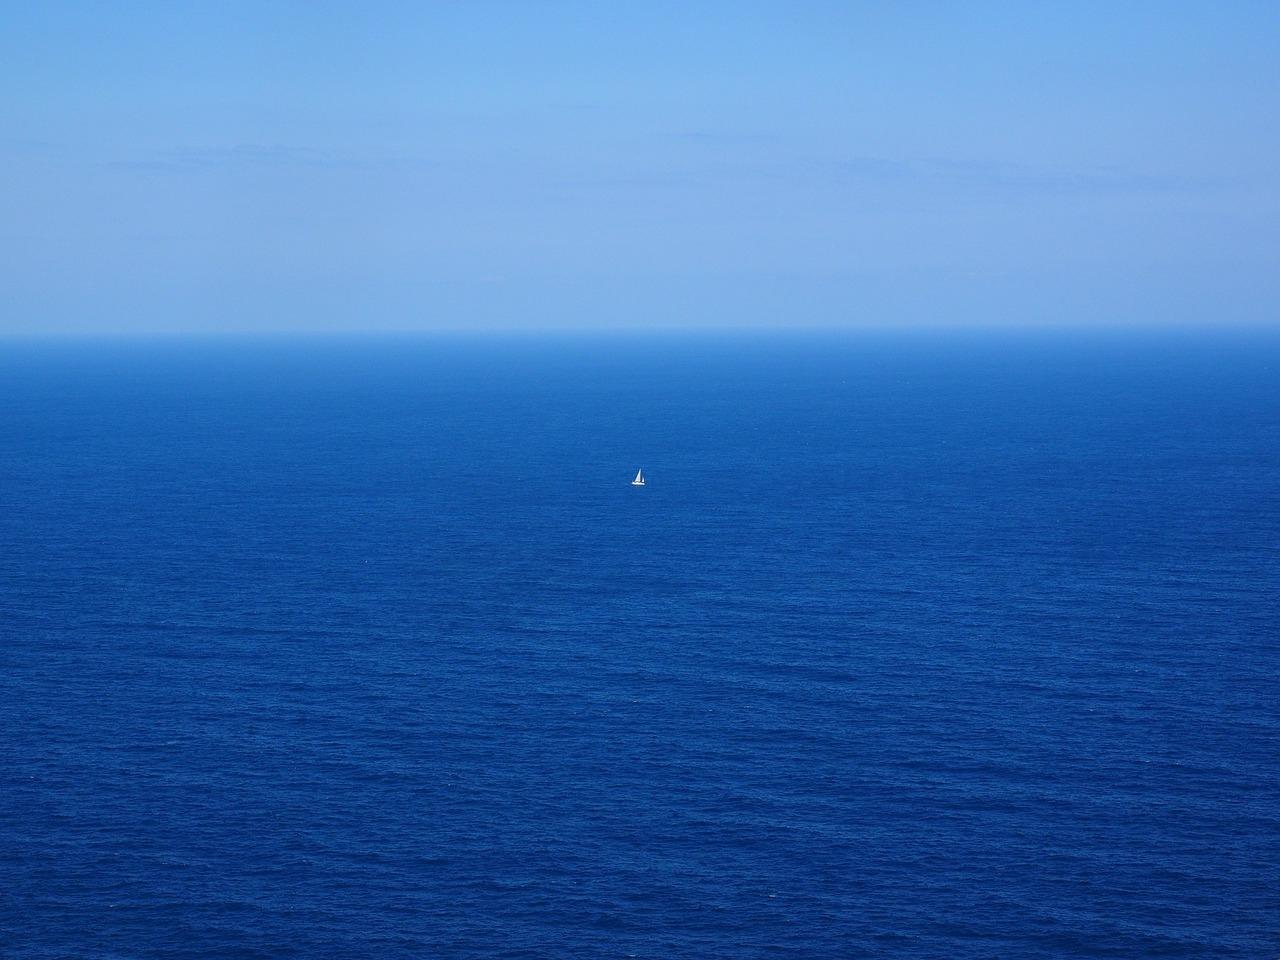 Os resultados estimam que as zonas azuis, como a dos subtrópicos ficarão mais azuis, refletindo a redução dos níveis de fitoplâncton - e de vida em geral.